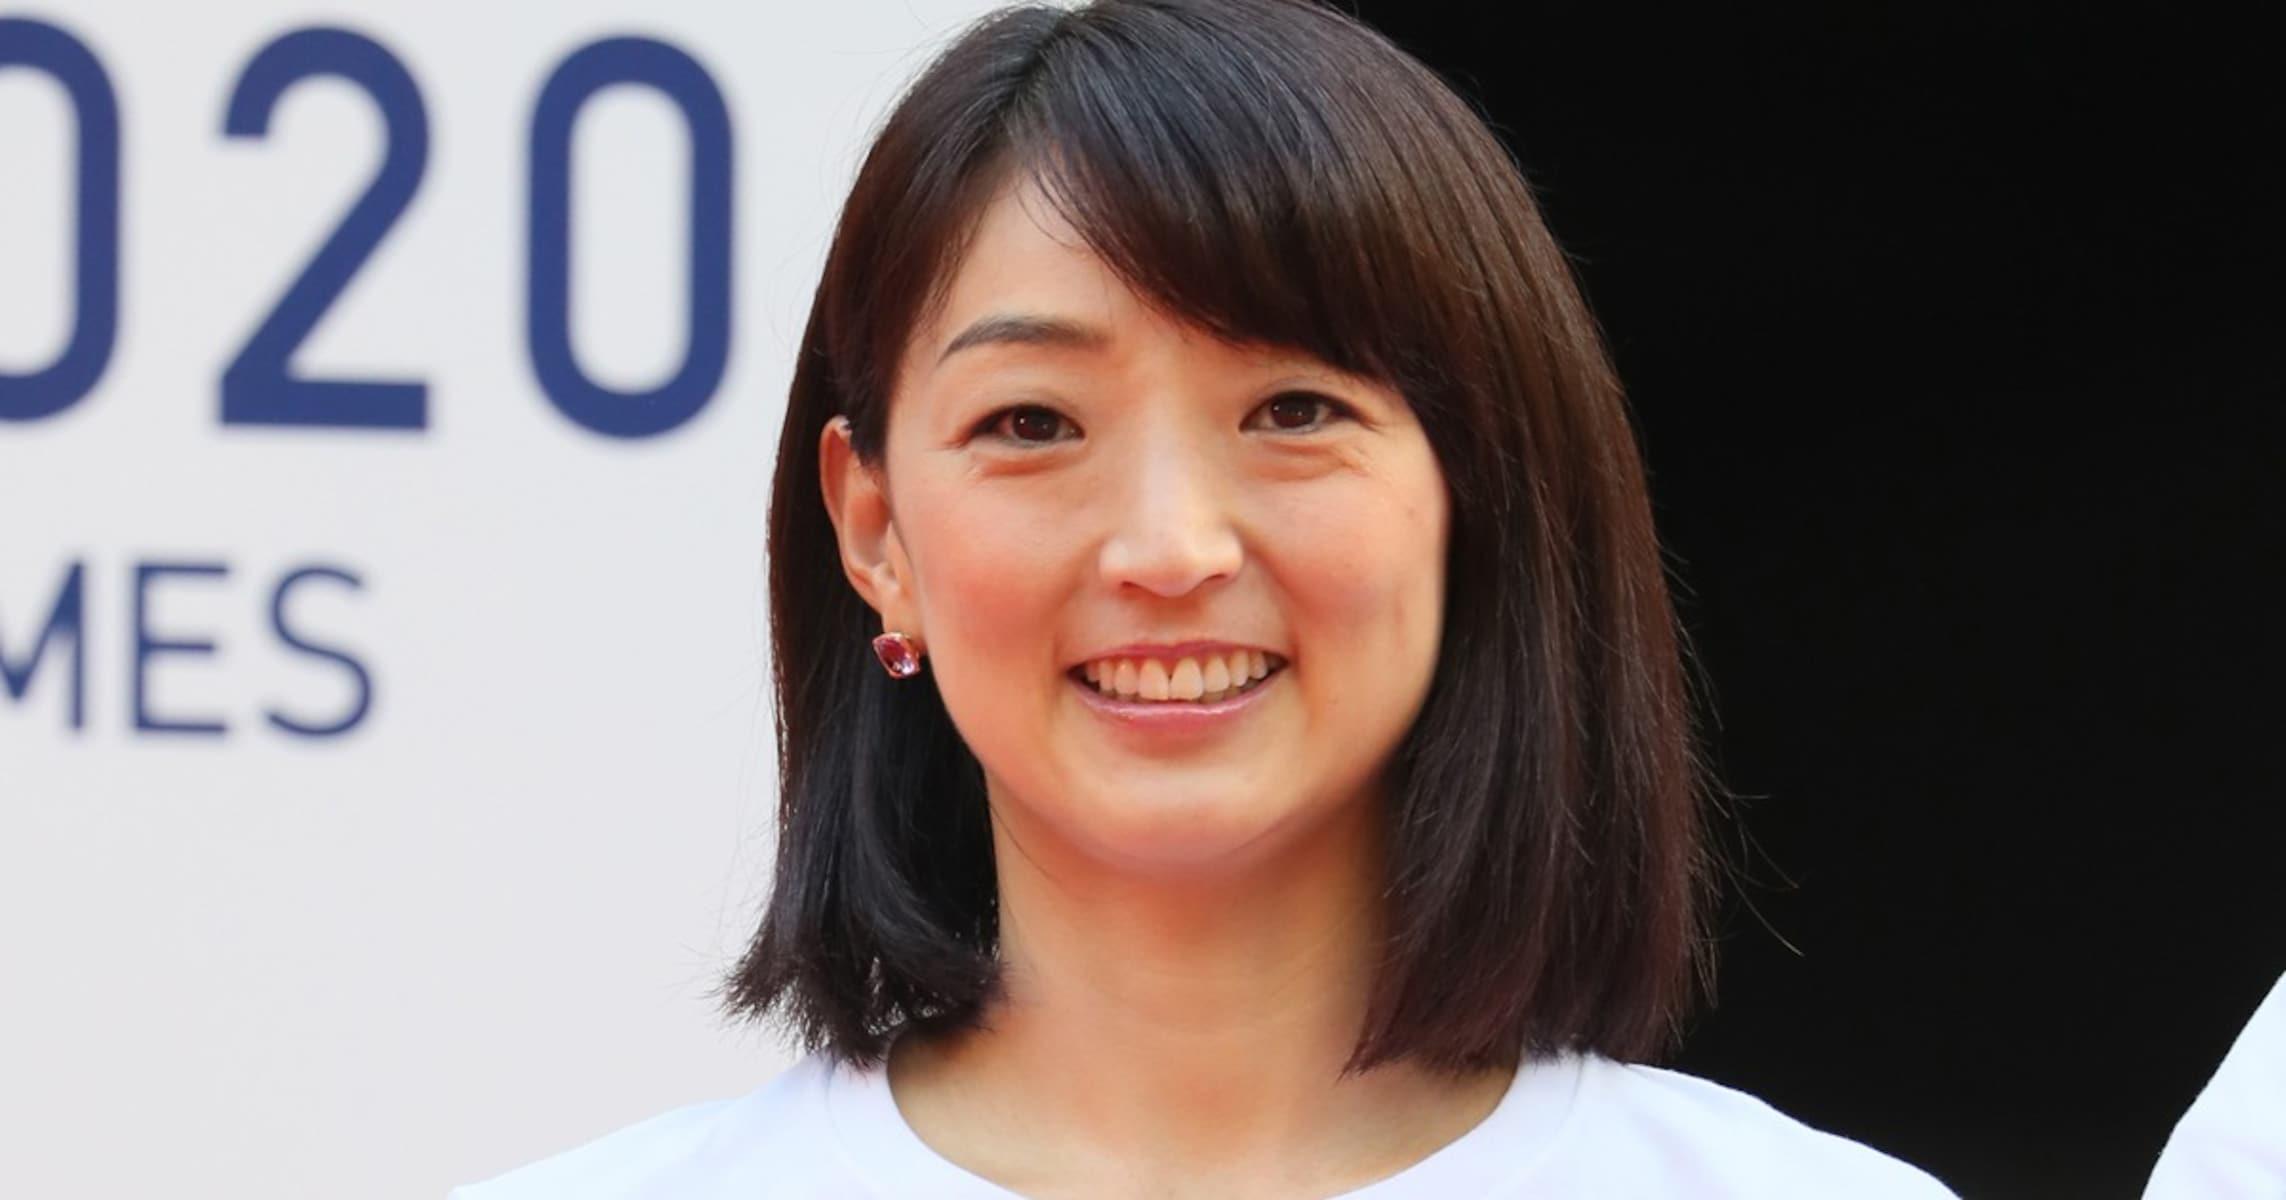 【結婚・離婚の幸福論】岩崎恭子も離婚…「別れるなら55歳までがおトク」ってどういうこと?